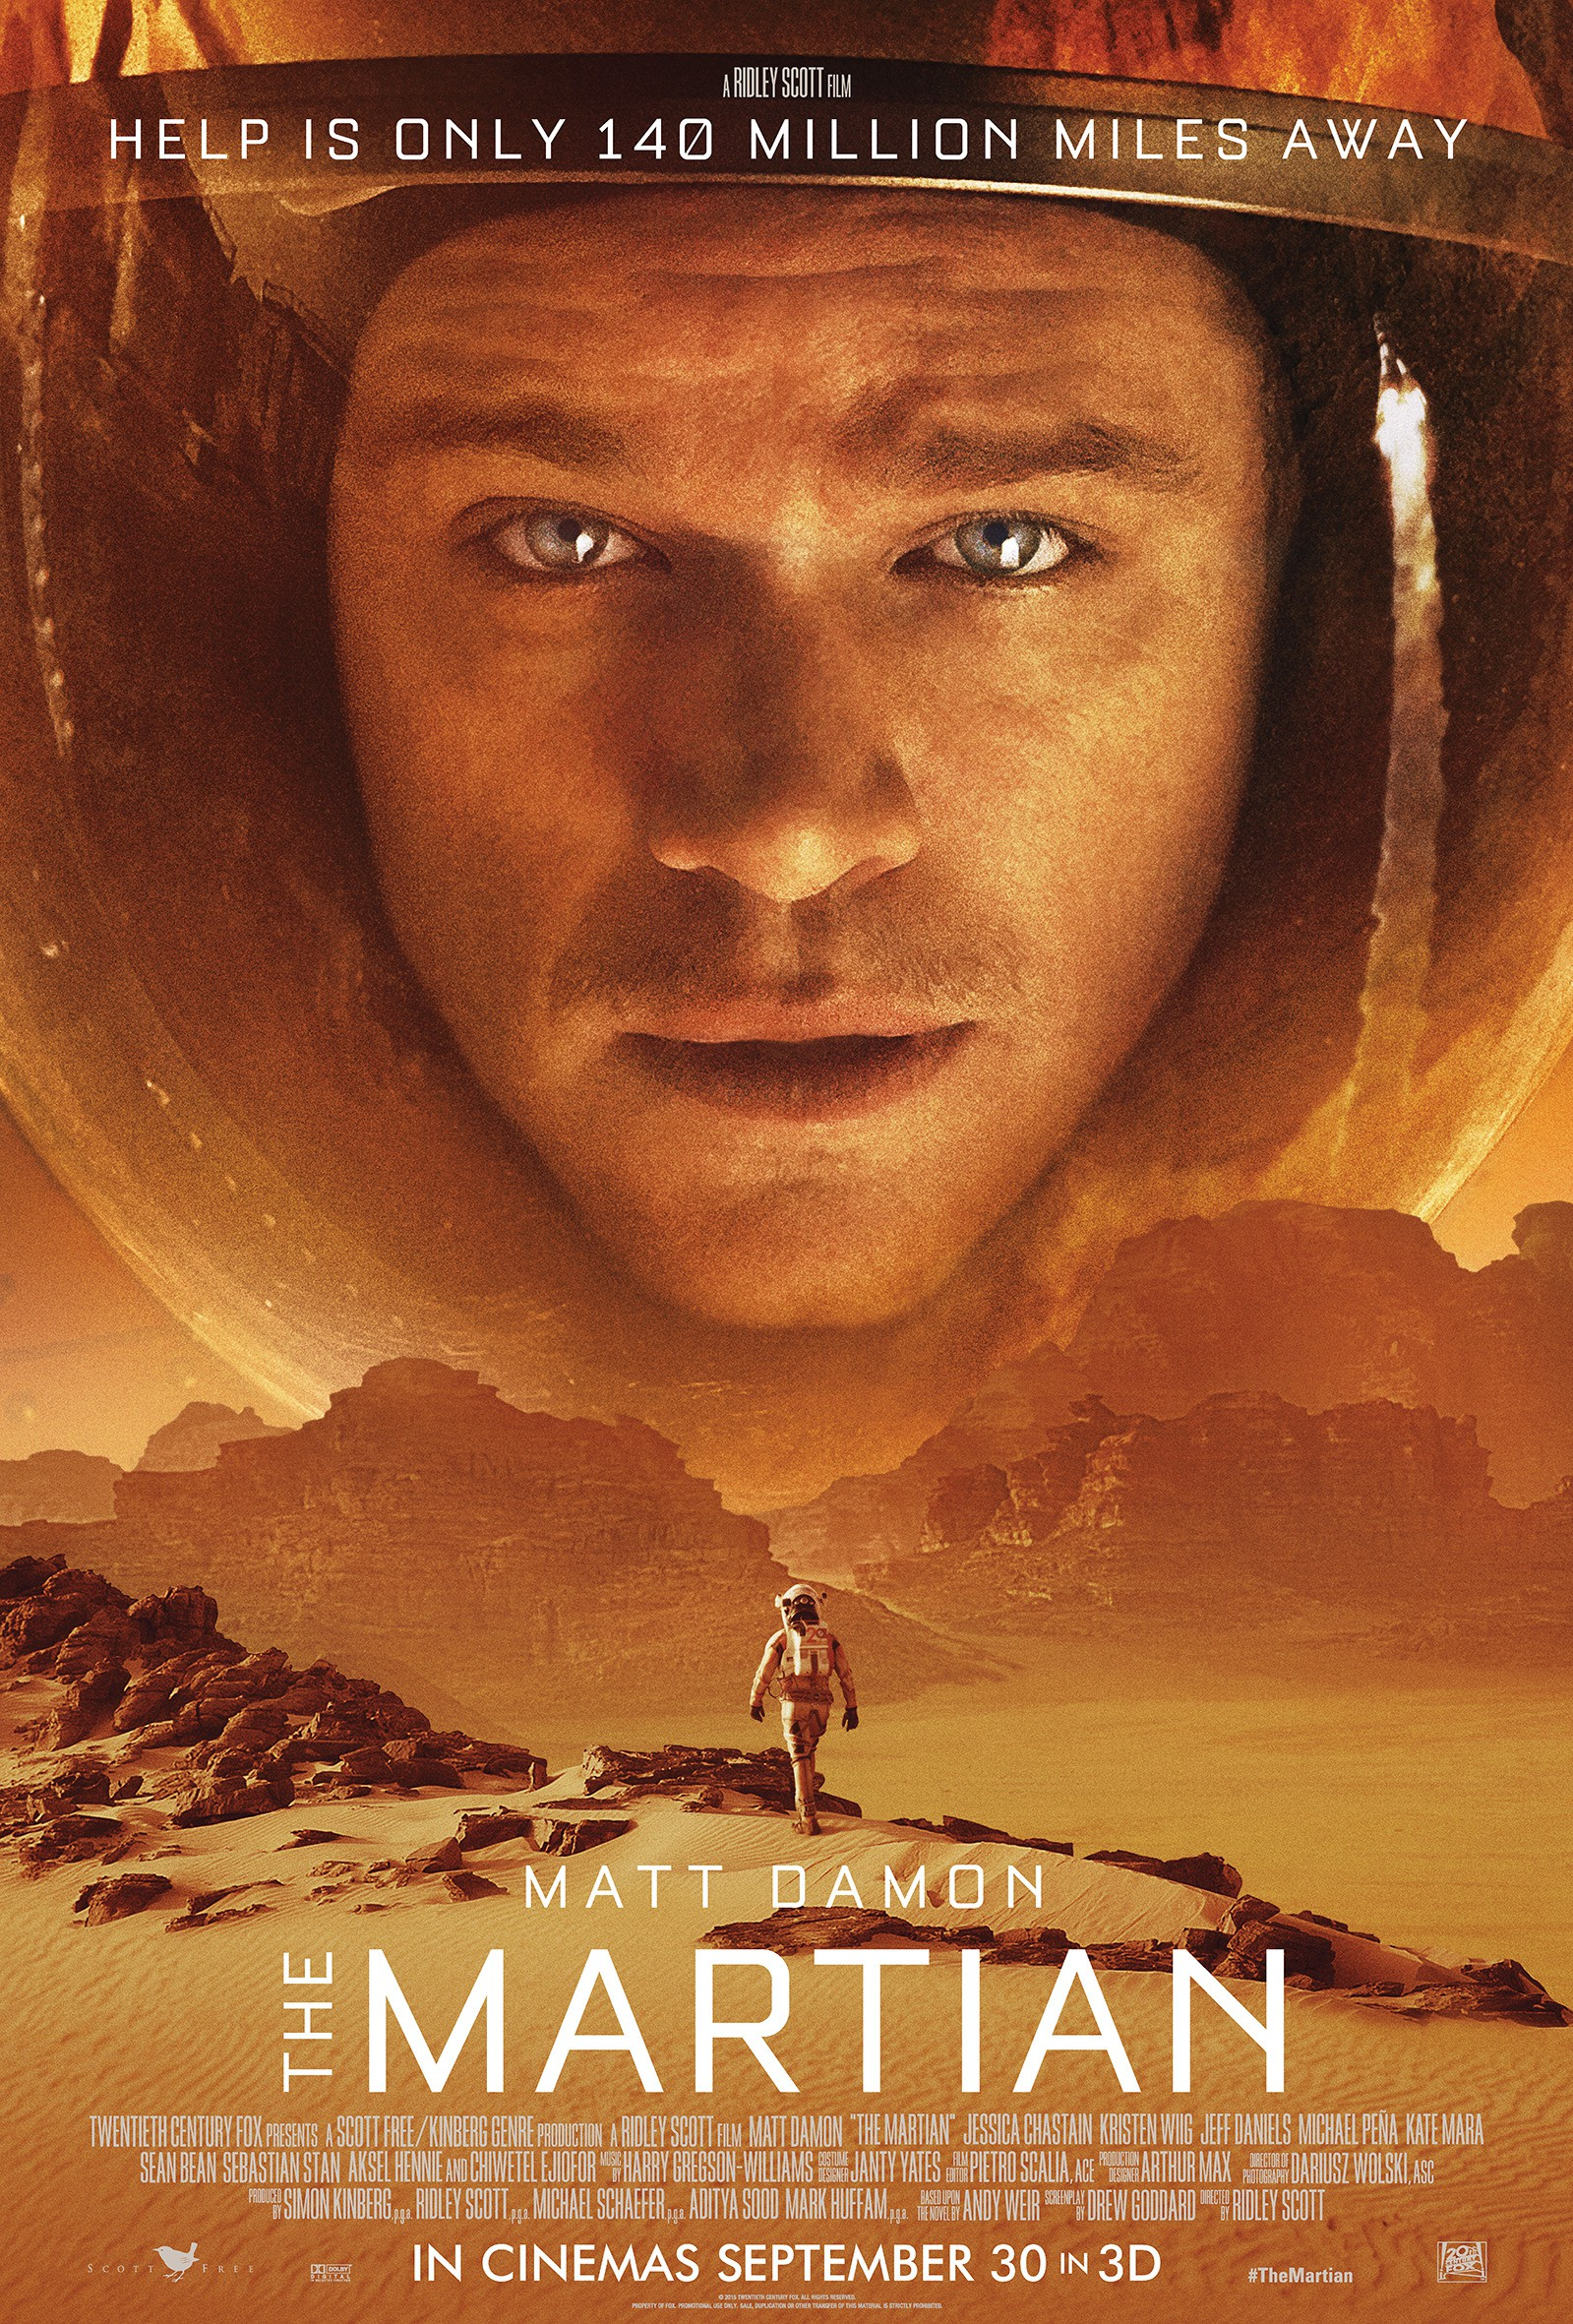 《火星救援》获得了奥斯卡7项提名